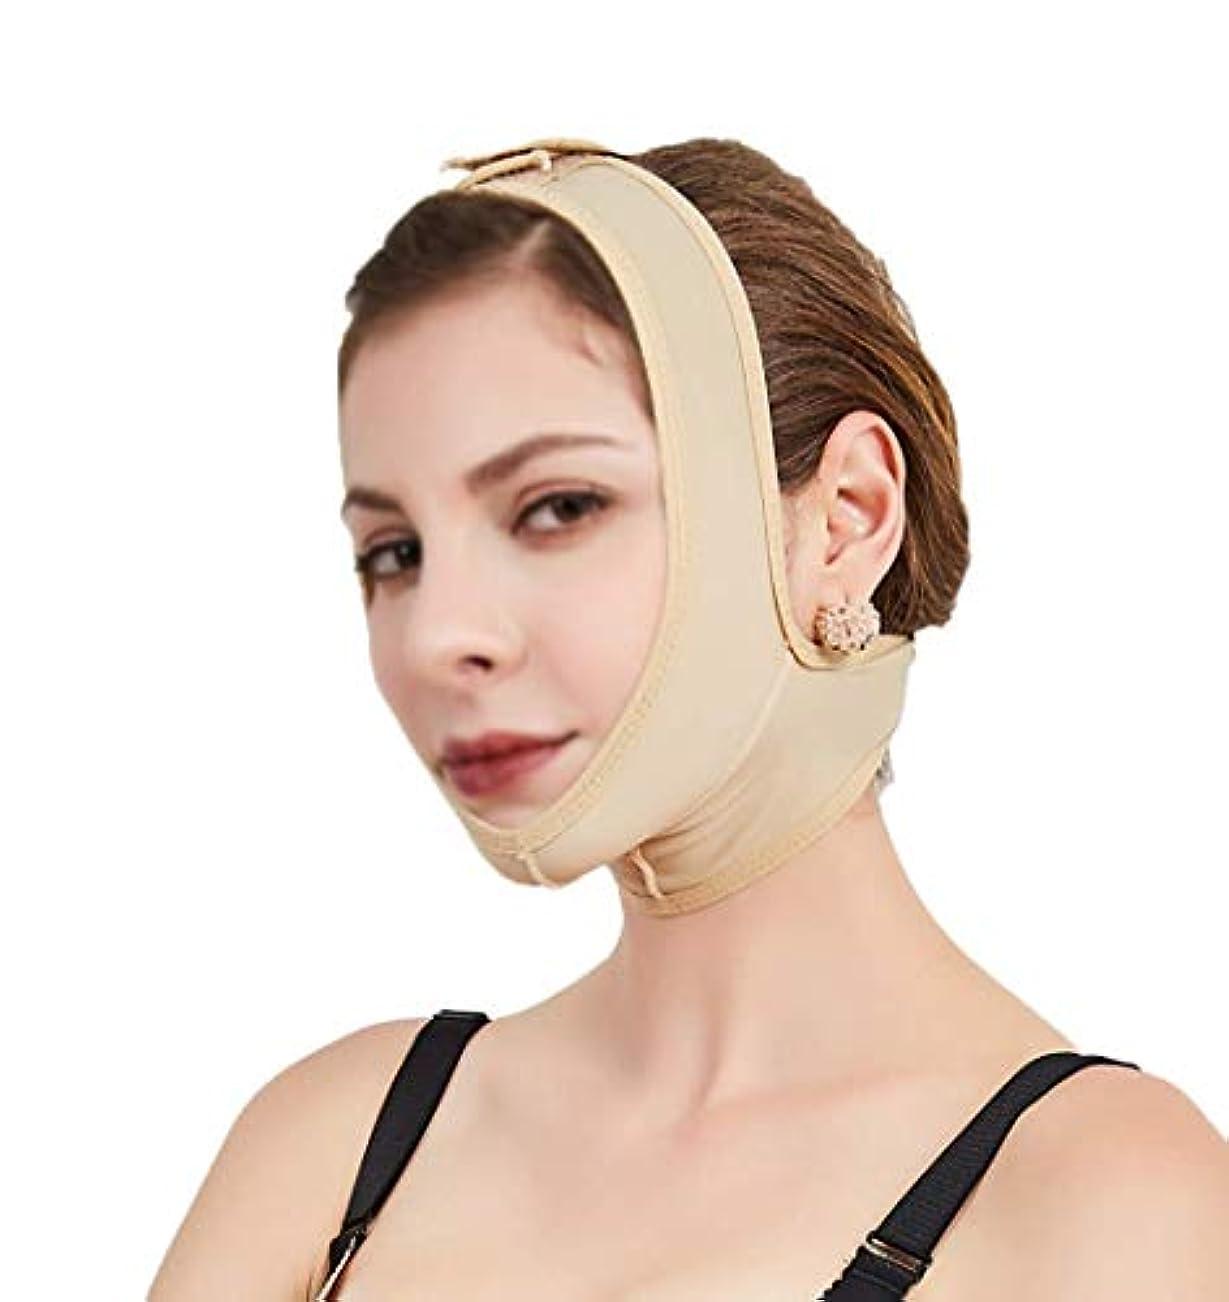 巻き戻す遺伝的膜フェイスアンドネックリフトポストエラスティックスリーブ下顎骨セットフェイスアーティファクトVフェイスフェイシャルフェイスバンドルダブルチンマスク(サイズ:XS)